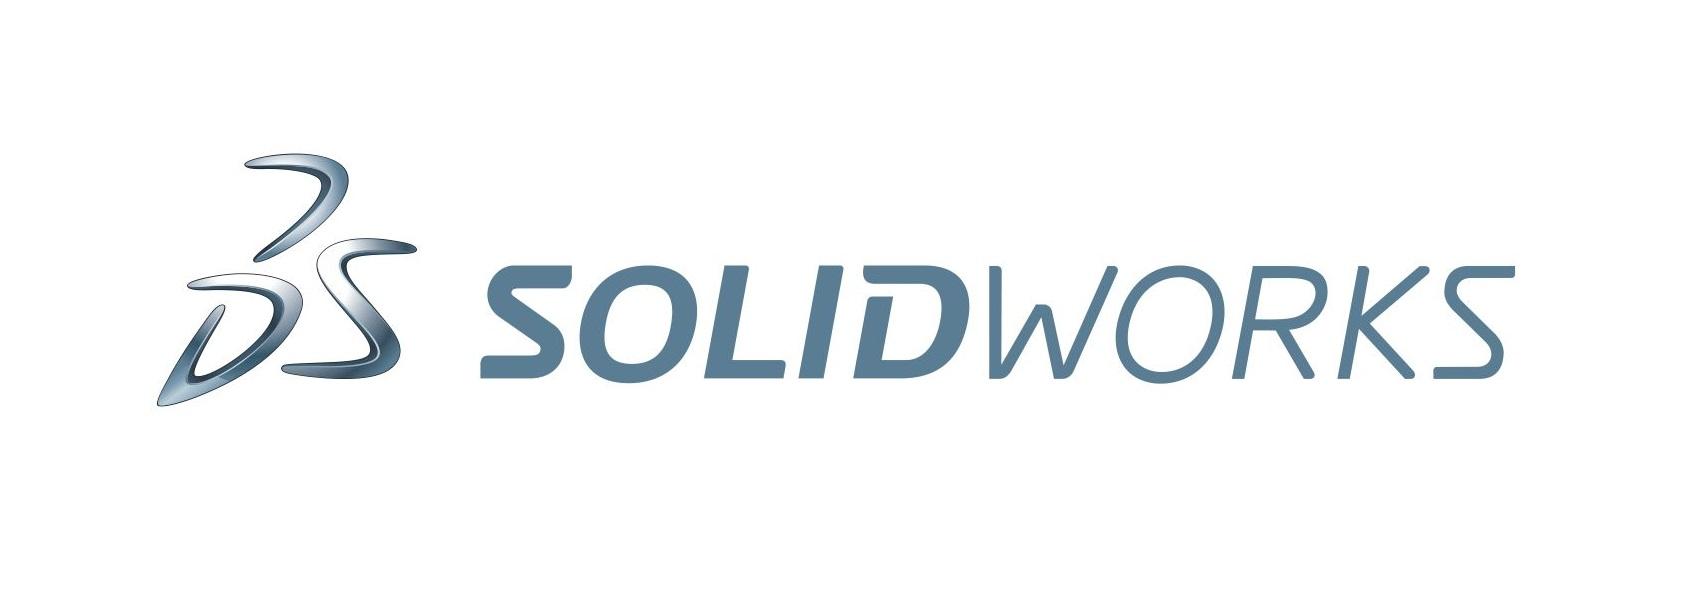 SolidWorks Logo #3